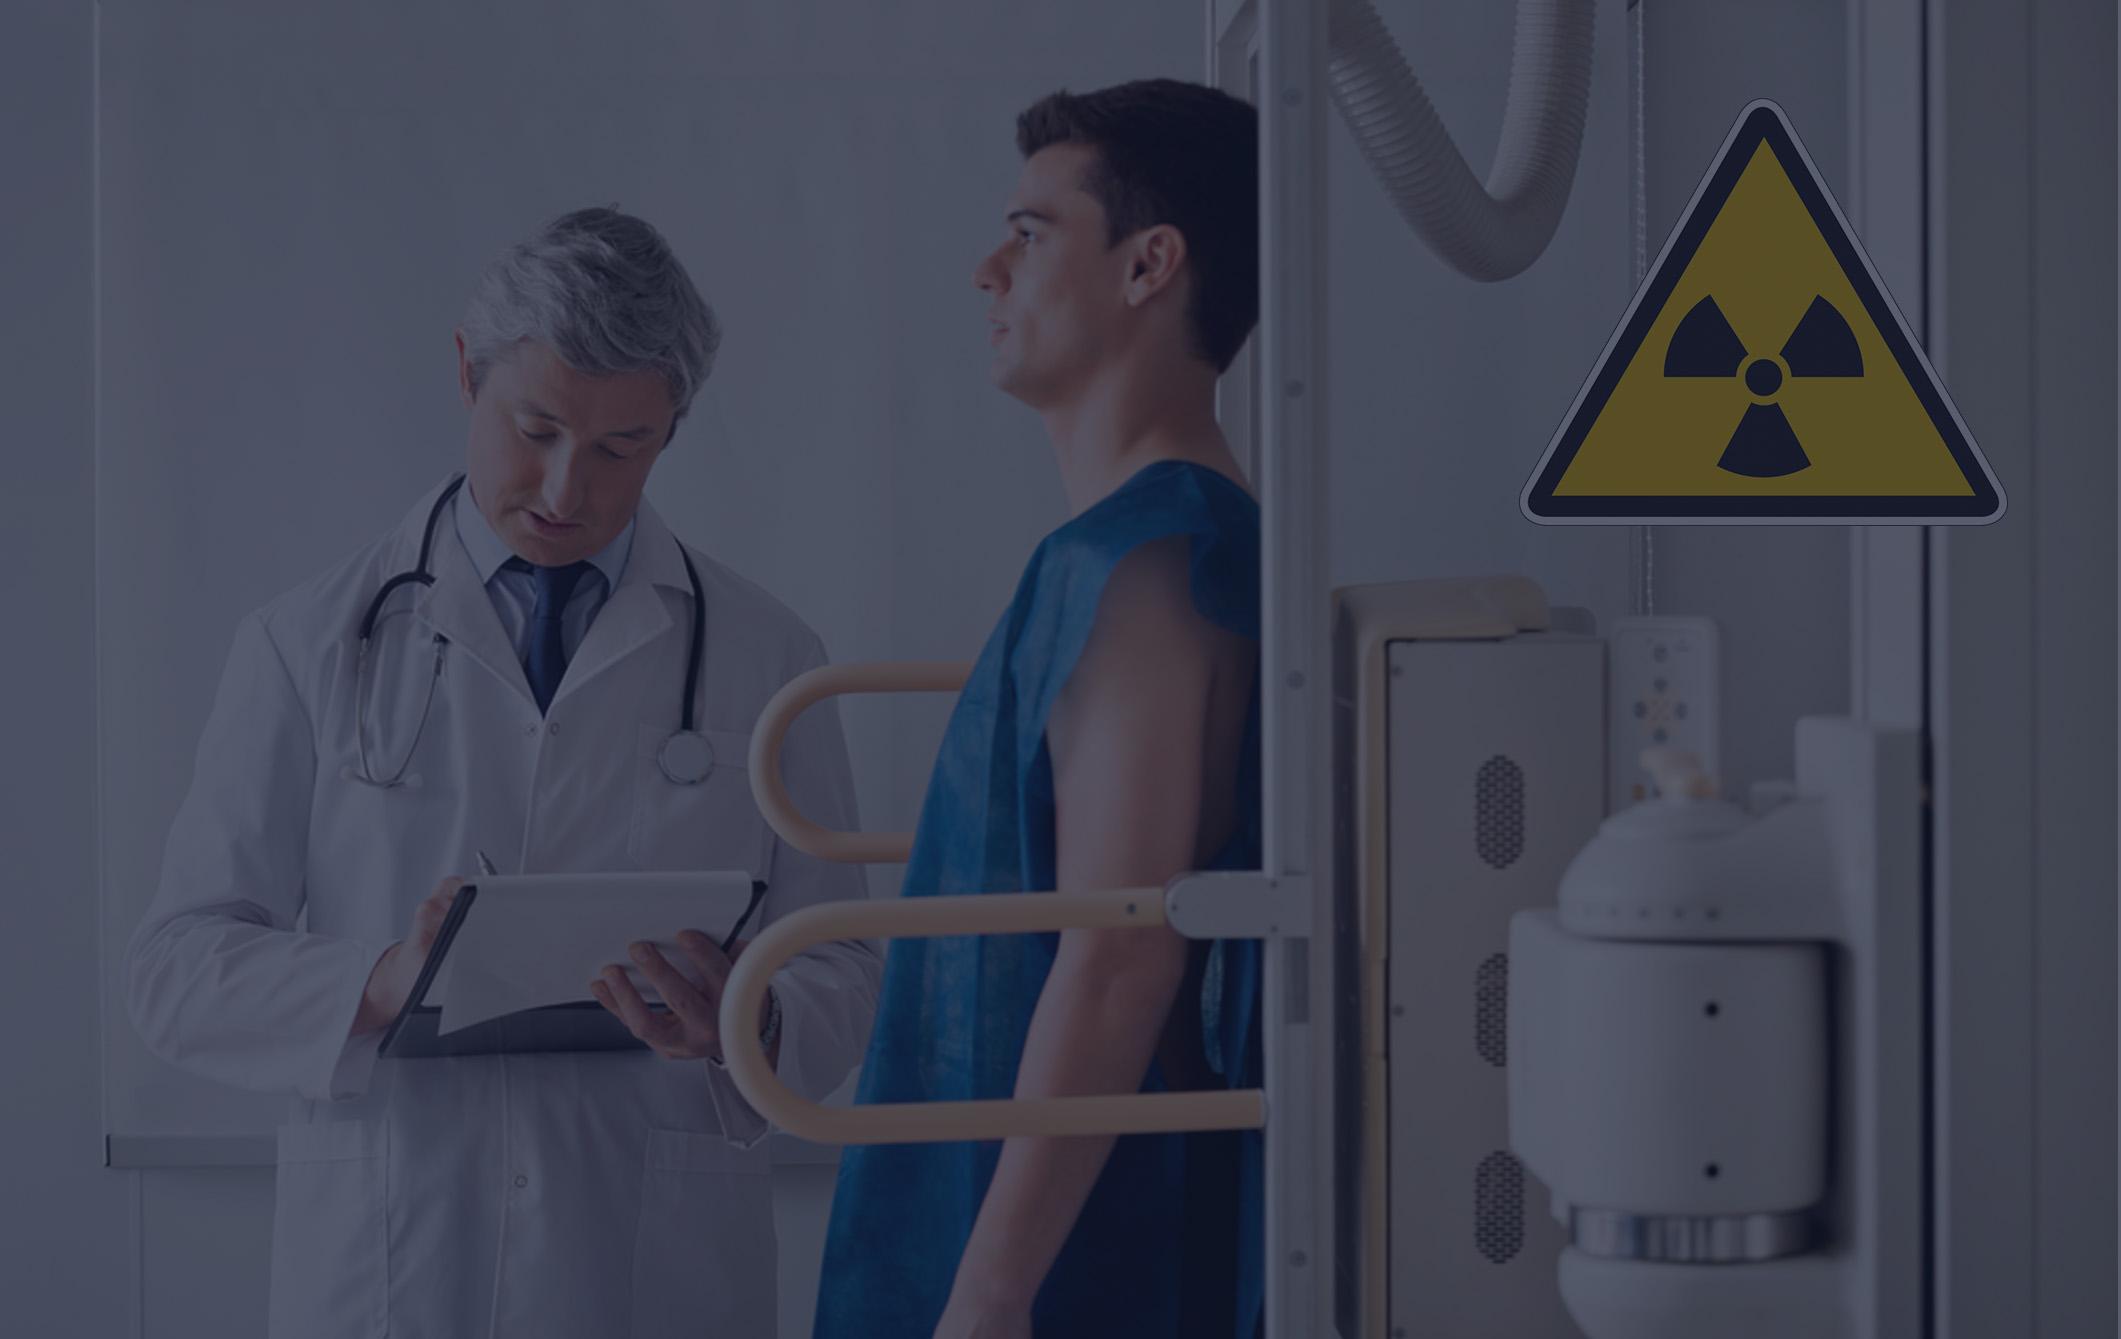 Радиационная безопасность пациентов и персонала при проведении рентгенологических исследований